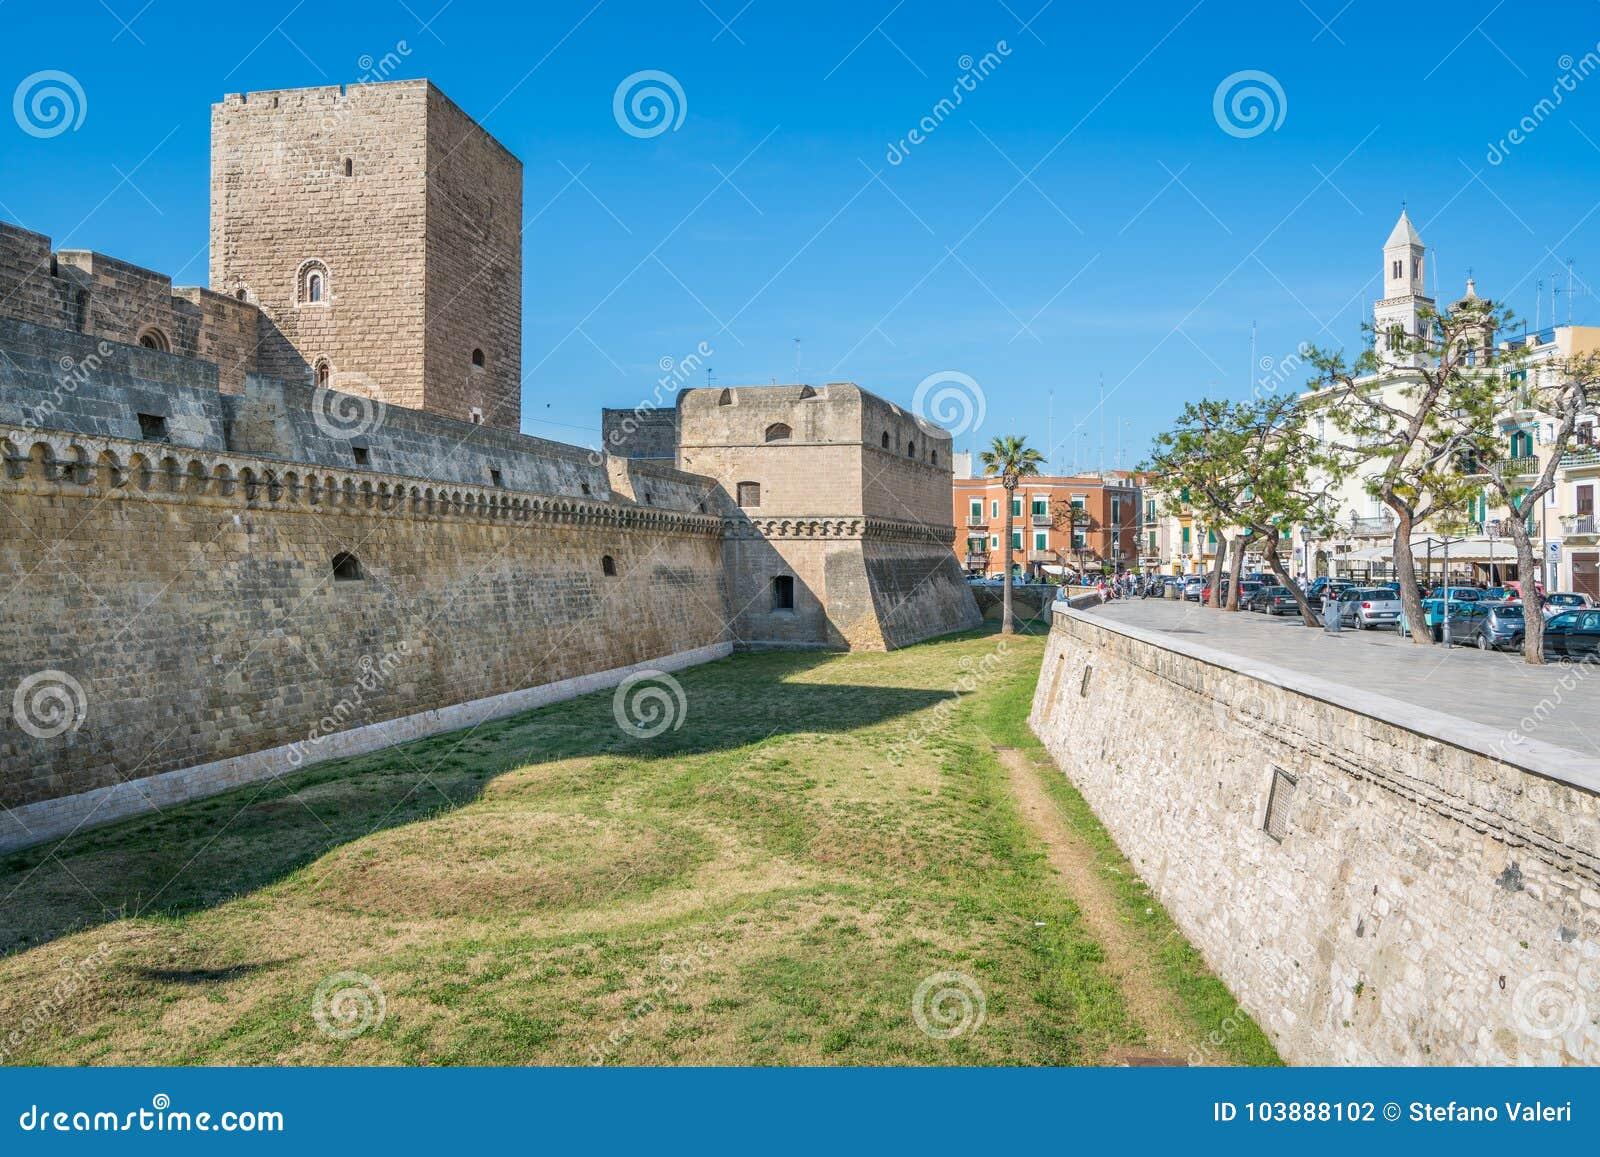 Castelo Swabian de Castello Svevo em Bari, Apulia, Itália do sul